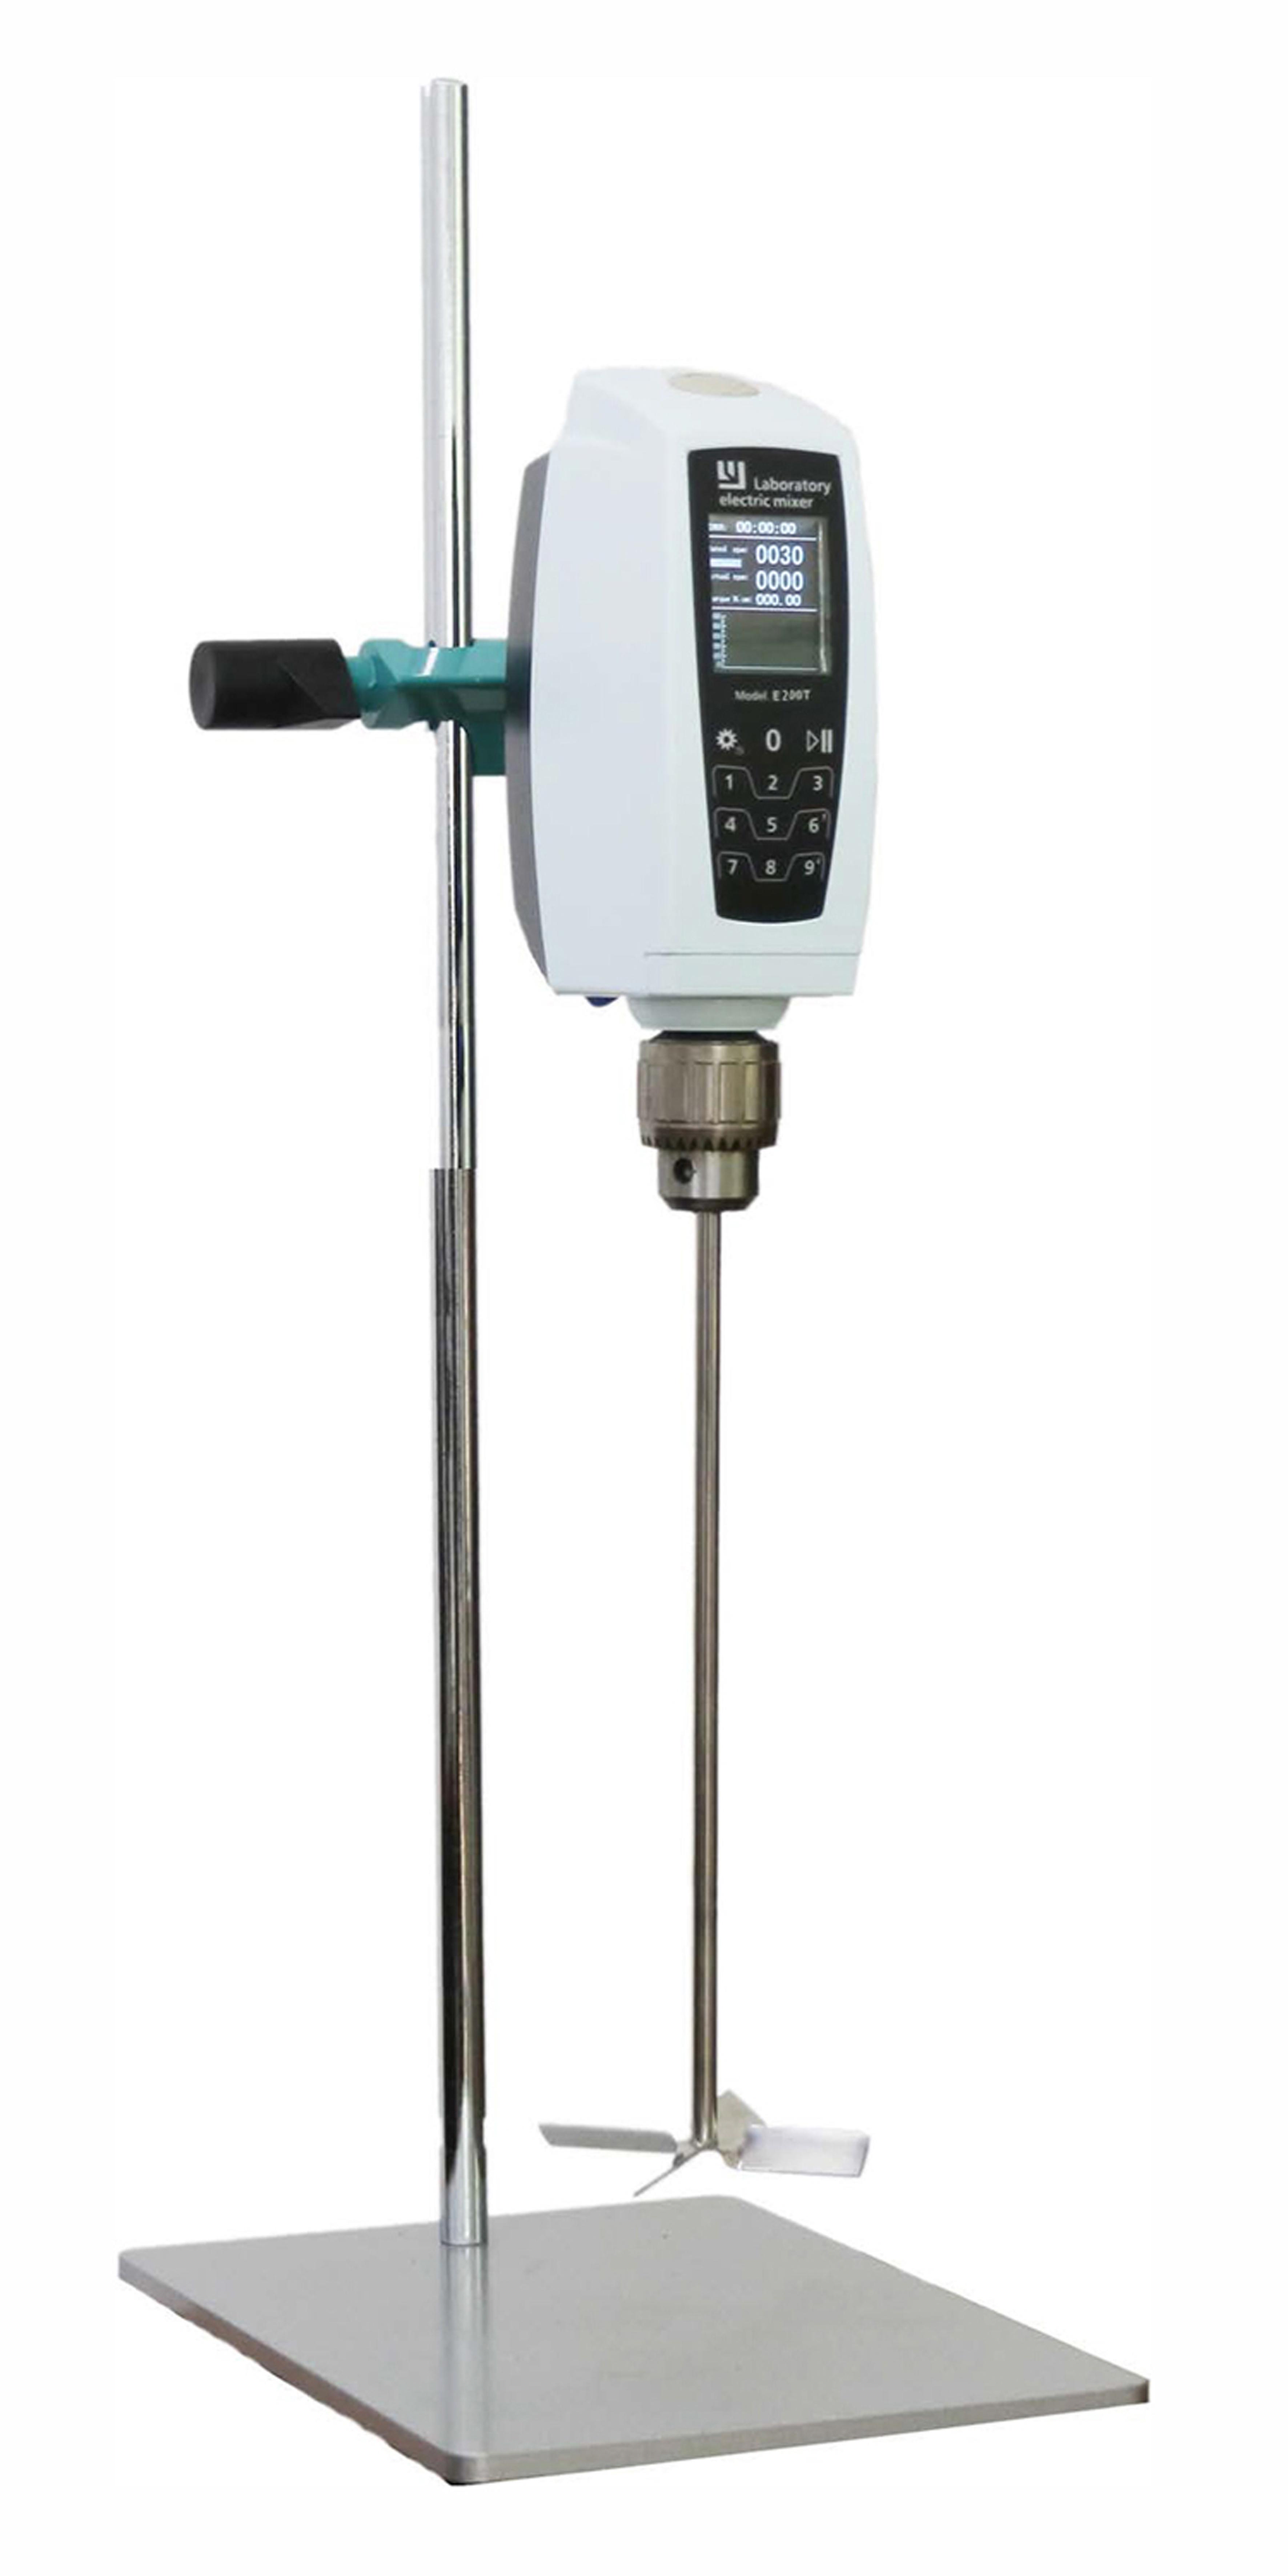 歐之星YK400-PLUS,智能版觸摸屏攪拌器,扭矩顯示攪拌器